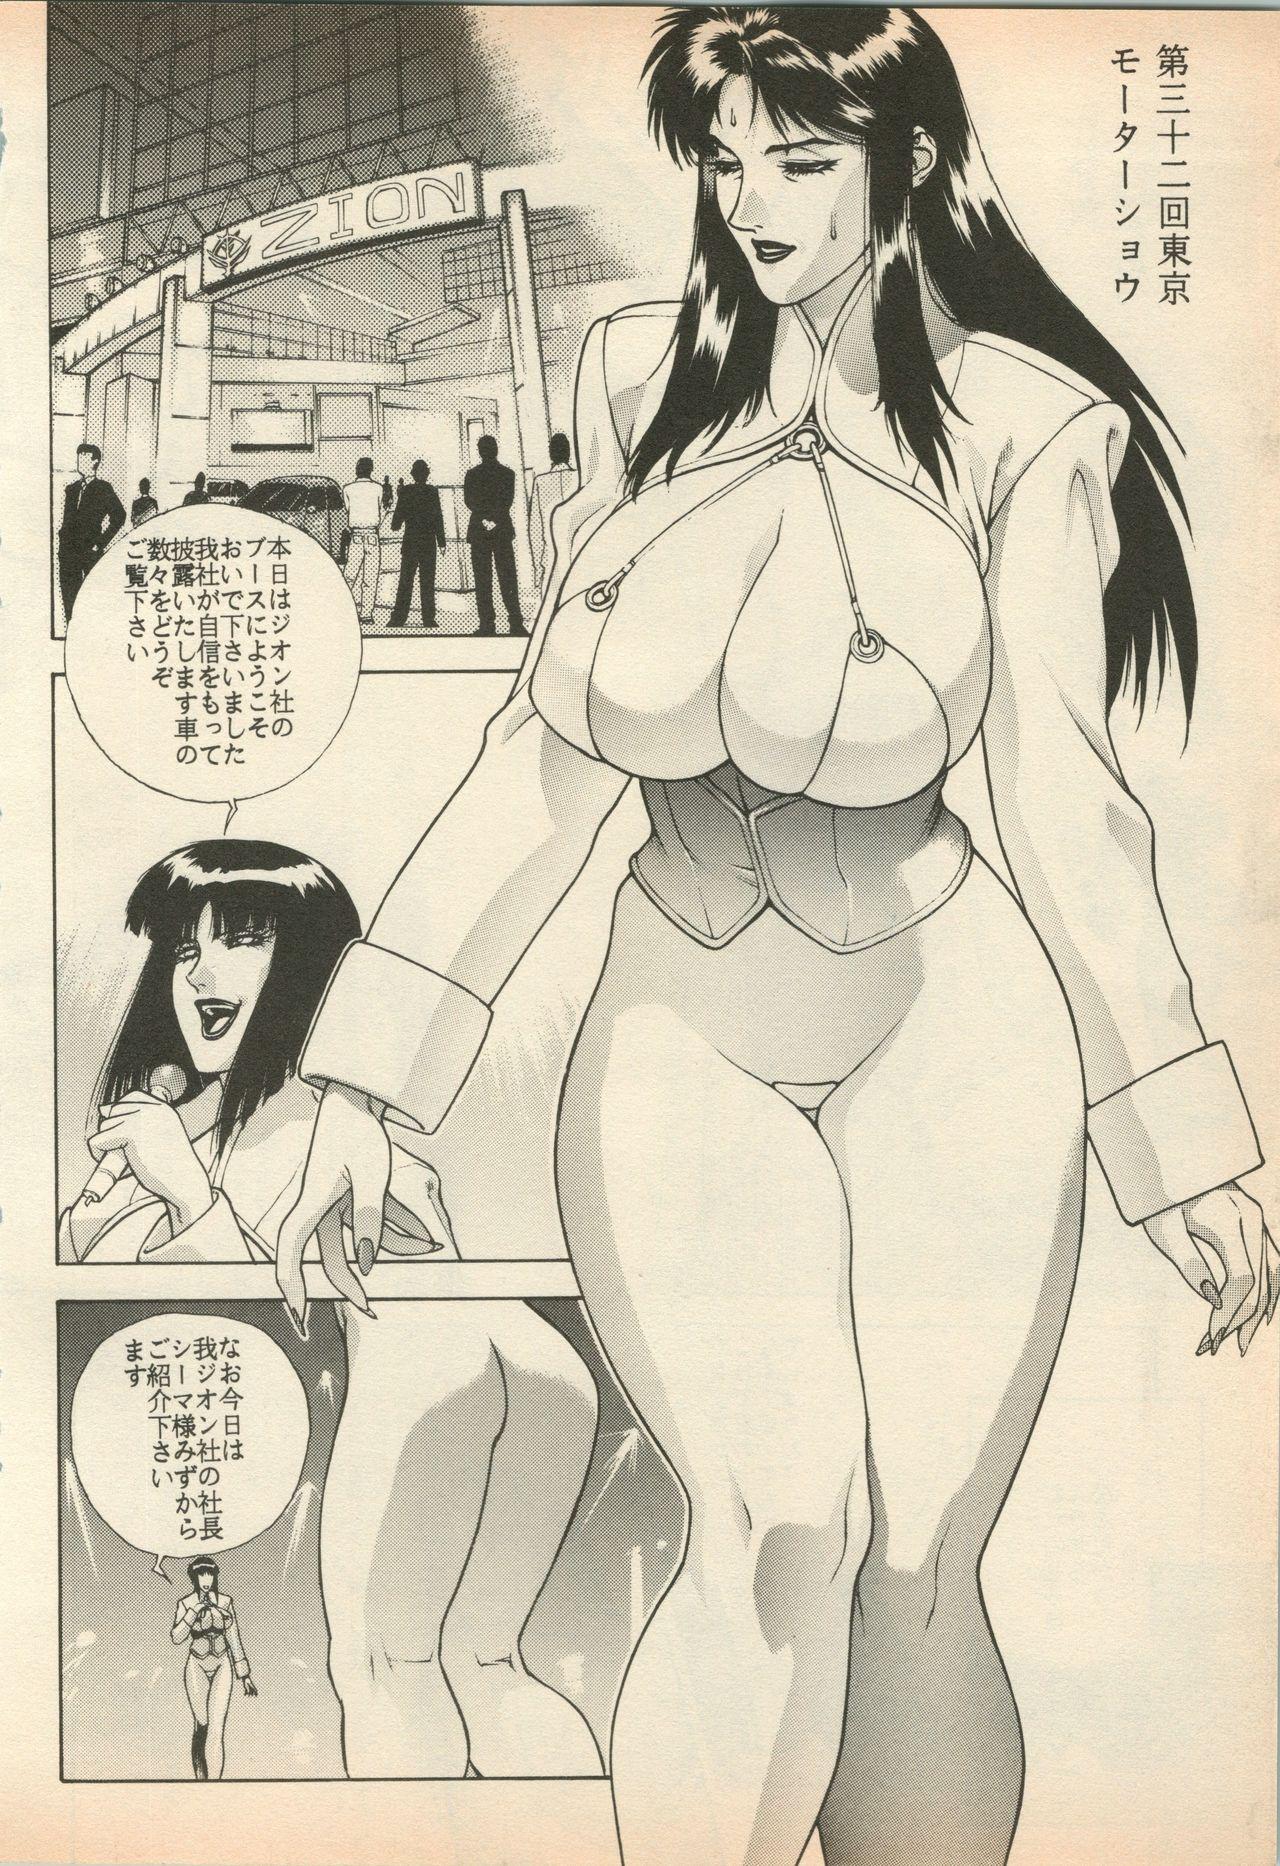 Shin Bishoujo Shoukougun 5 Fukkatsu hen 158